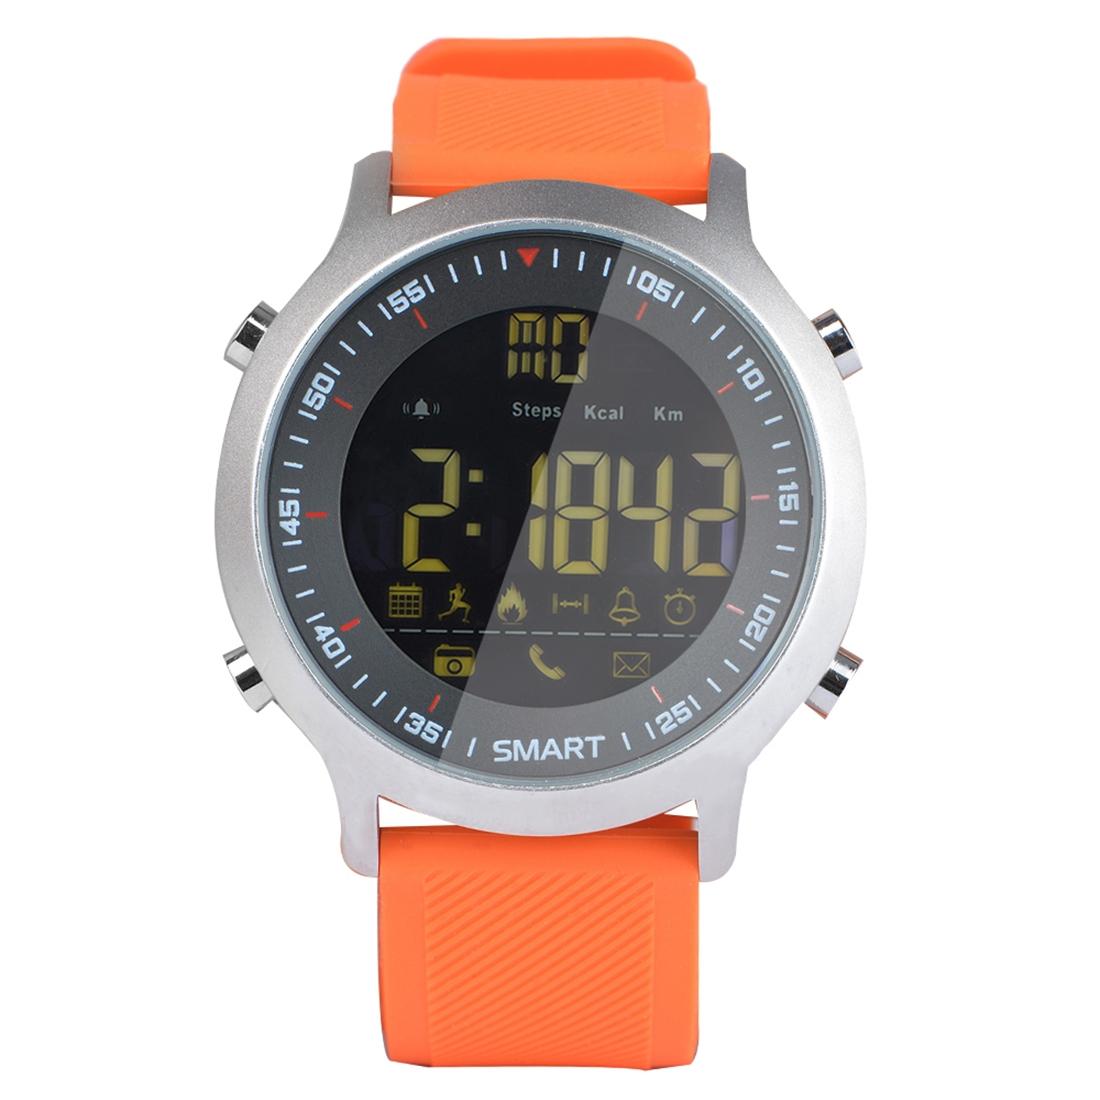 Xiaomi Xiaomi - EX18C Inteligentní sportovní hodinky FSTN obrazovka s plným náhledem, oranžová